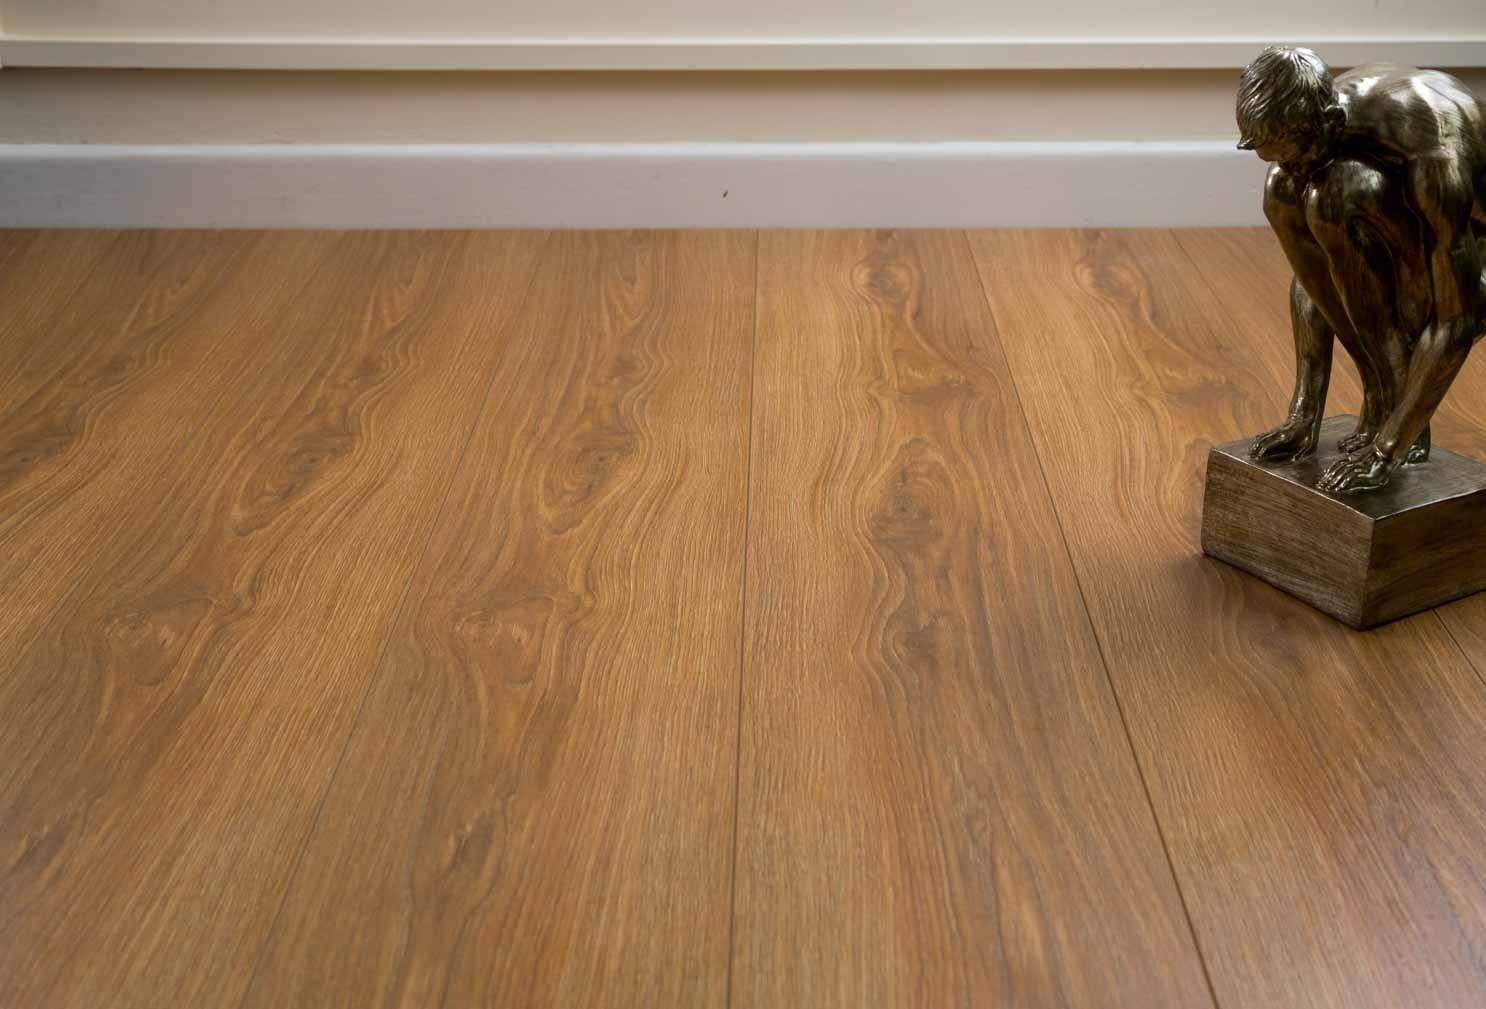 laminated flooring burnbury 8mm french oak laminate flooring VAWYFTM